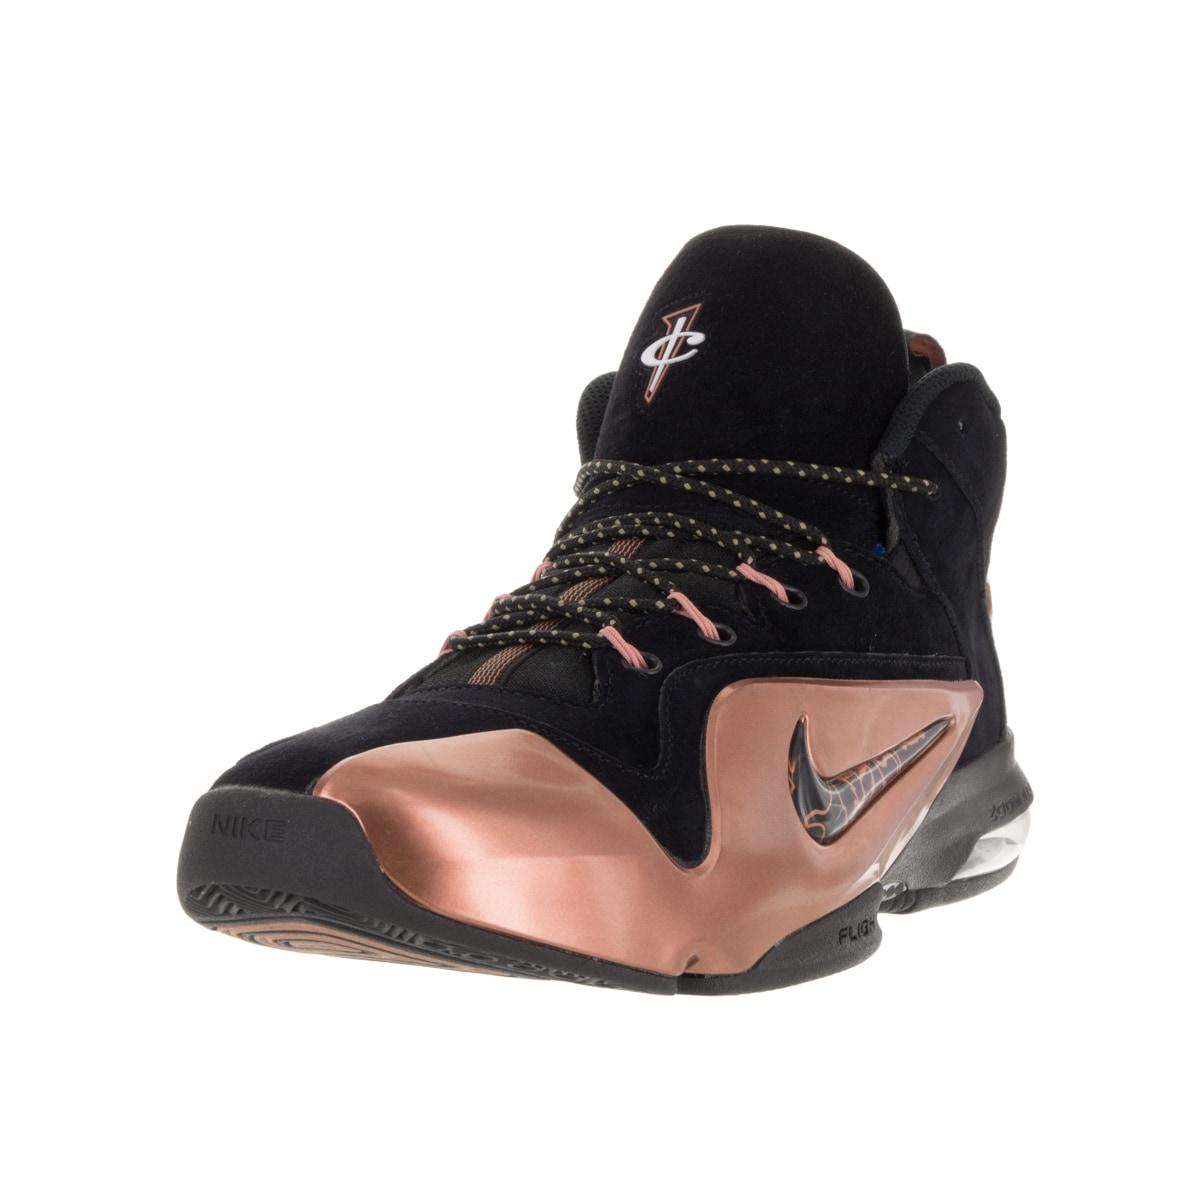 Nike Men's Zoom Penny VI Black/Black/Metallic Copper Bask...